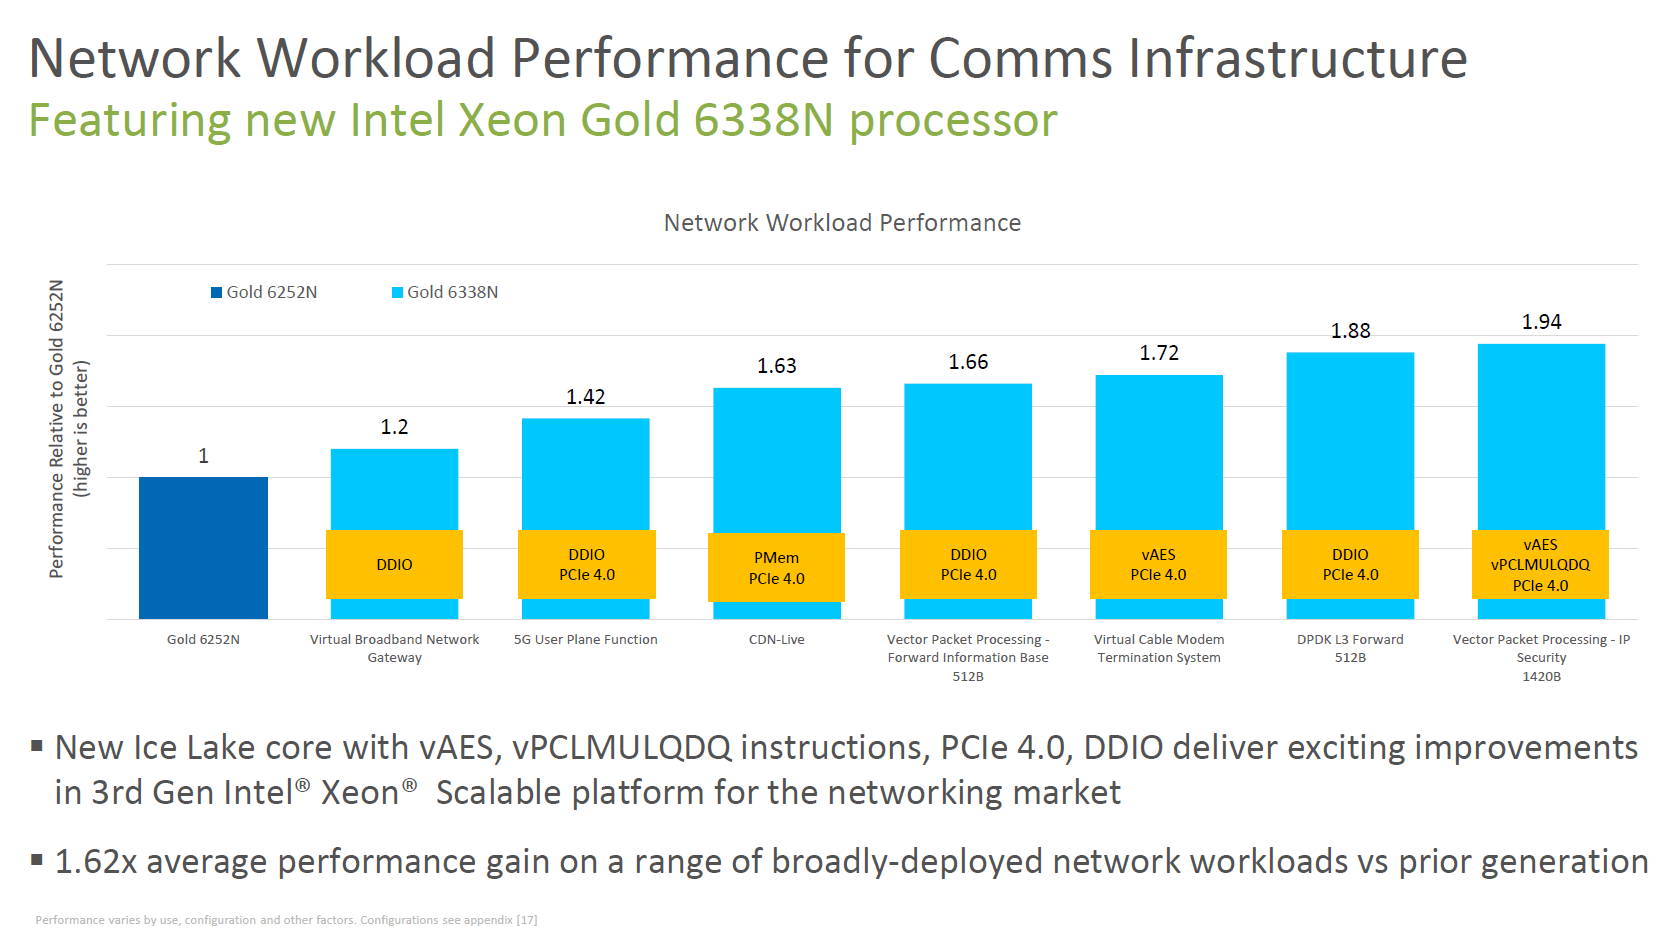 Leistungszuwachs bei den Xeon Gold 6000N